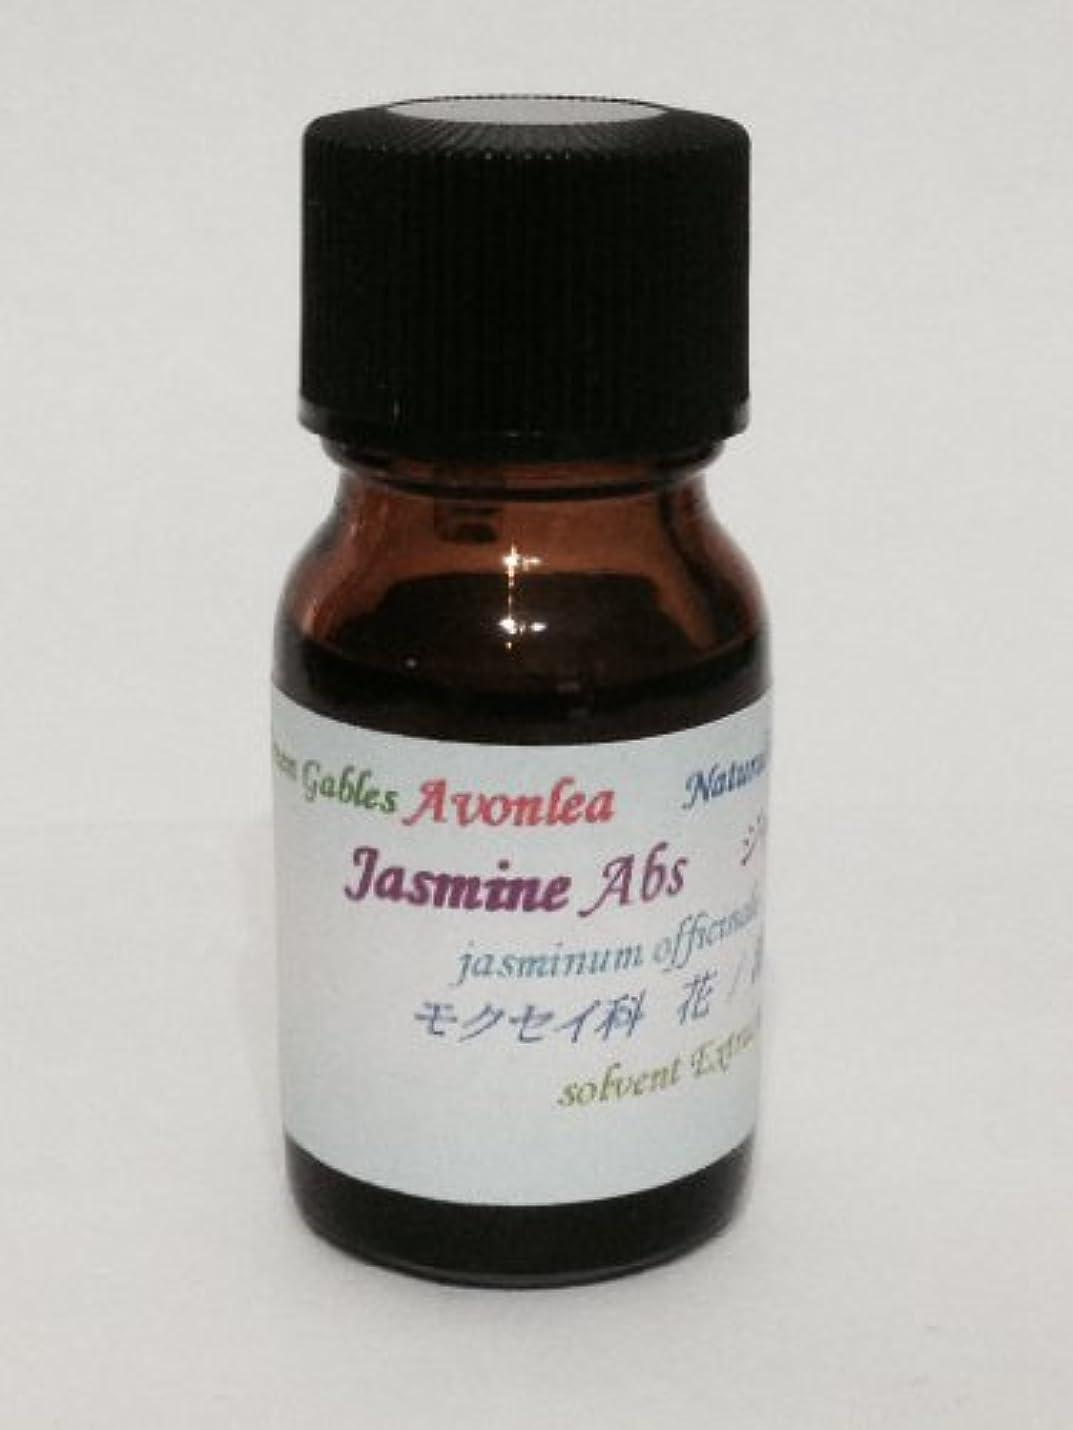 キャリア均等に特定のジャスミン Abs 100% ピュア エッセンシャルオイル 花の精油 5ml